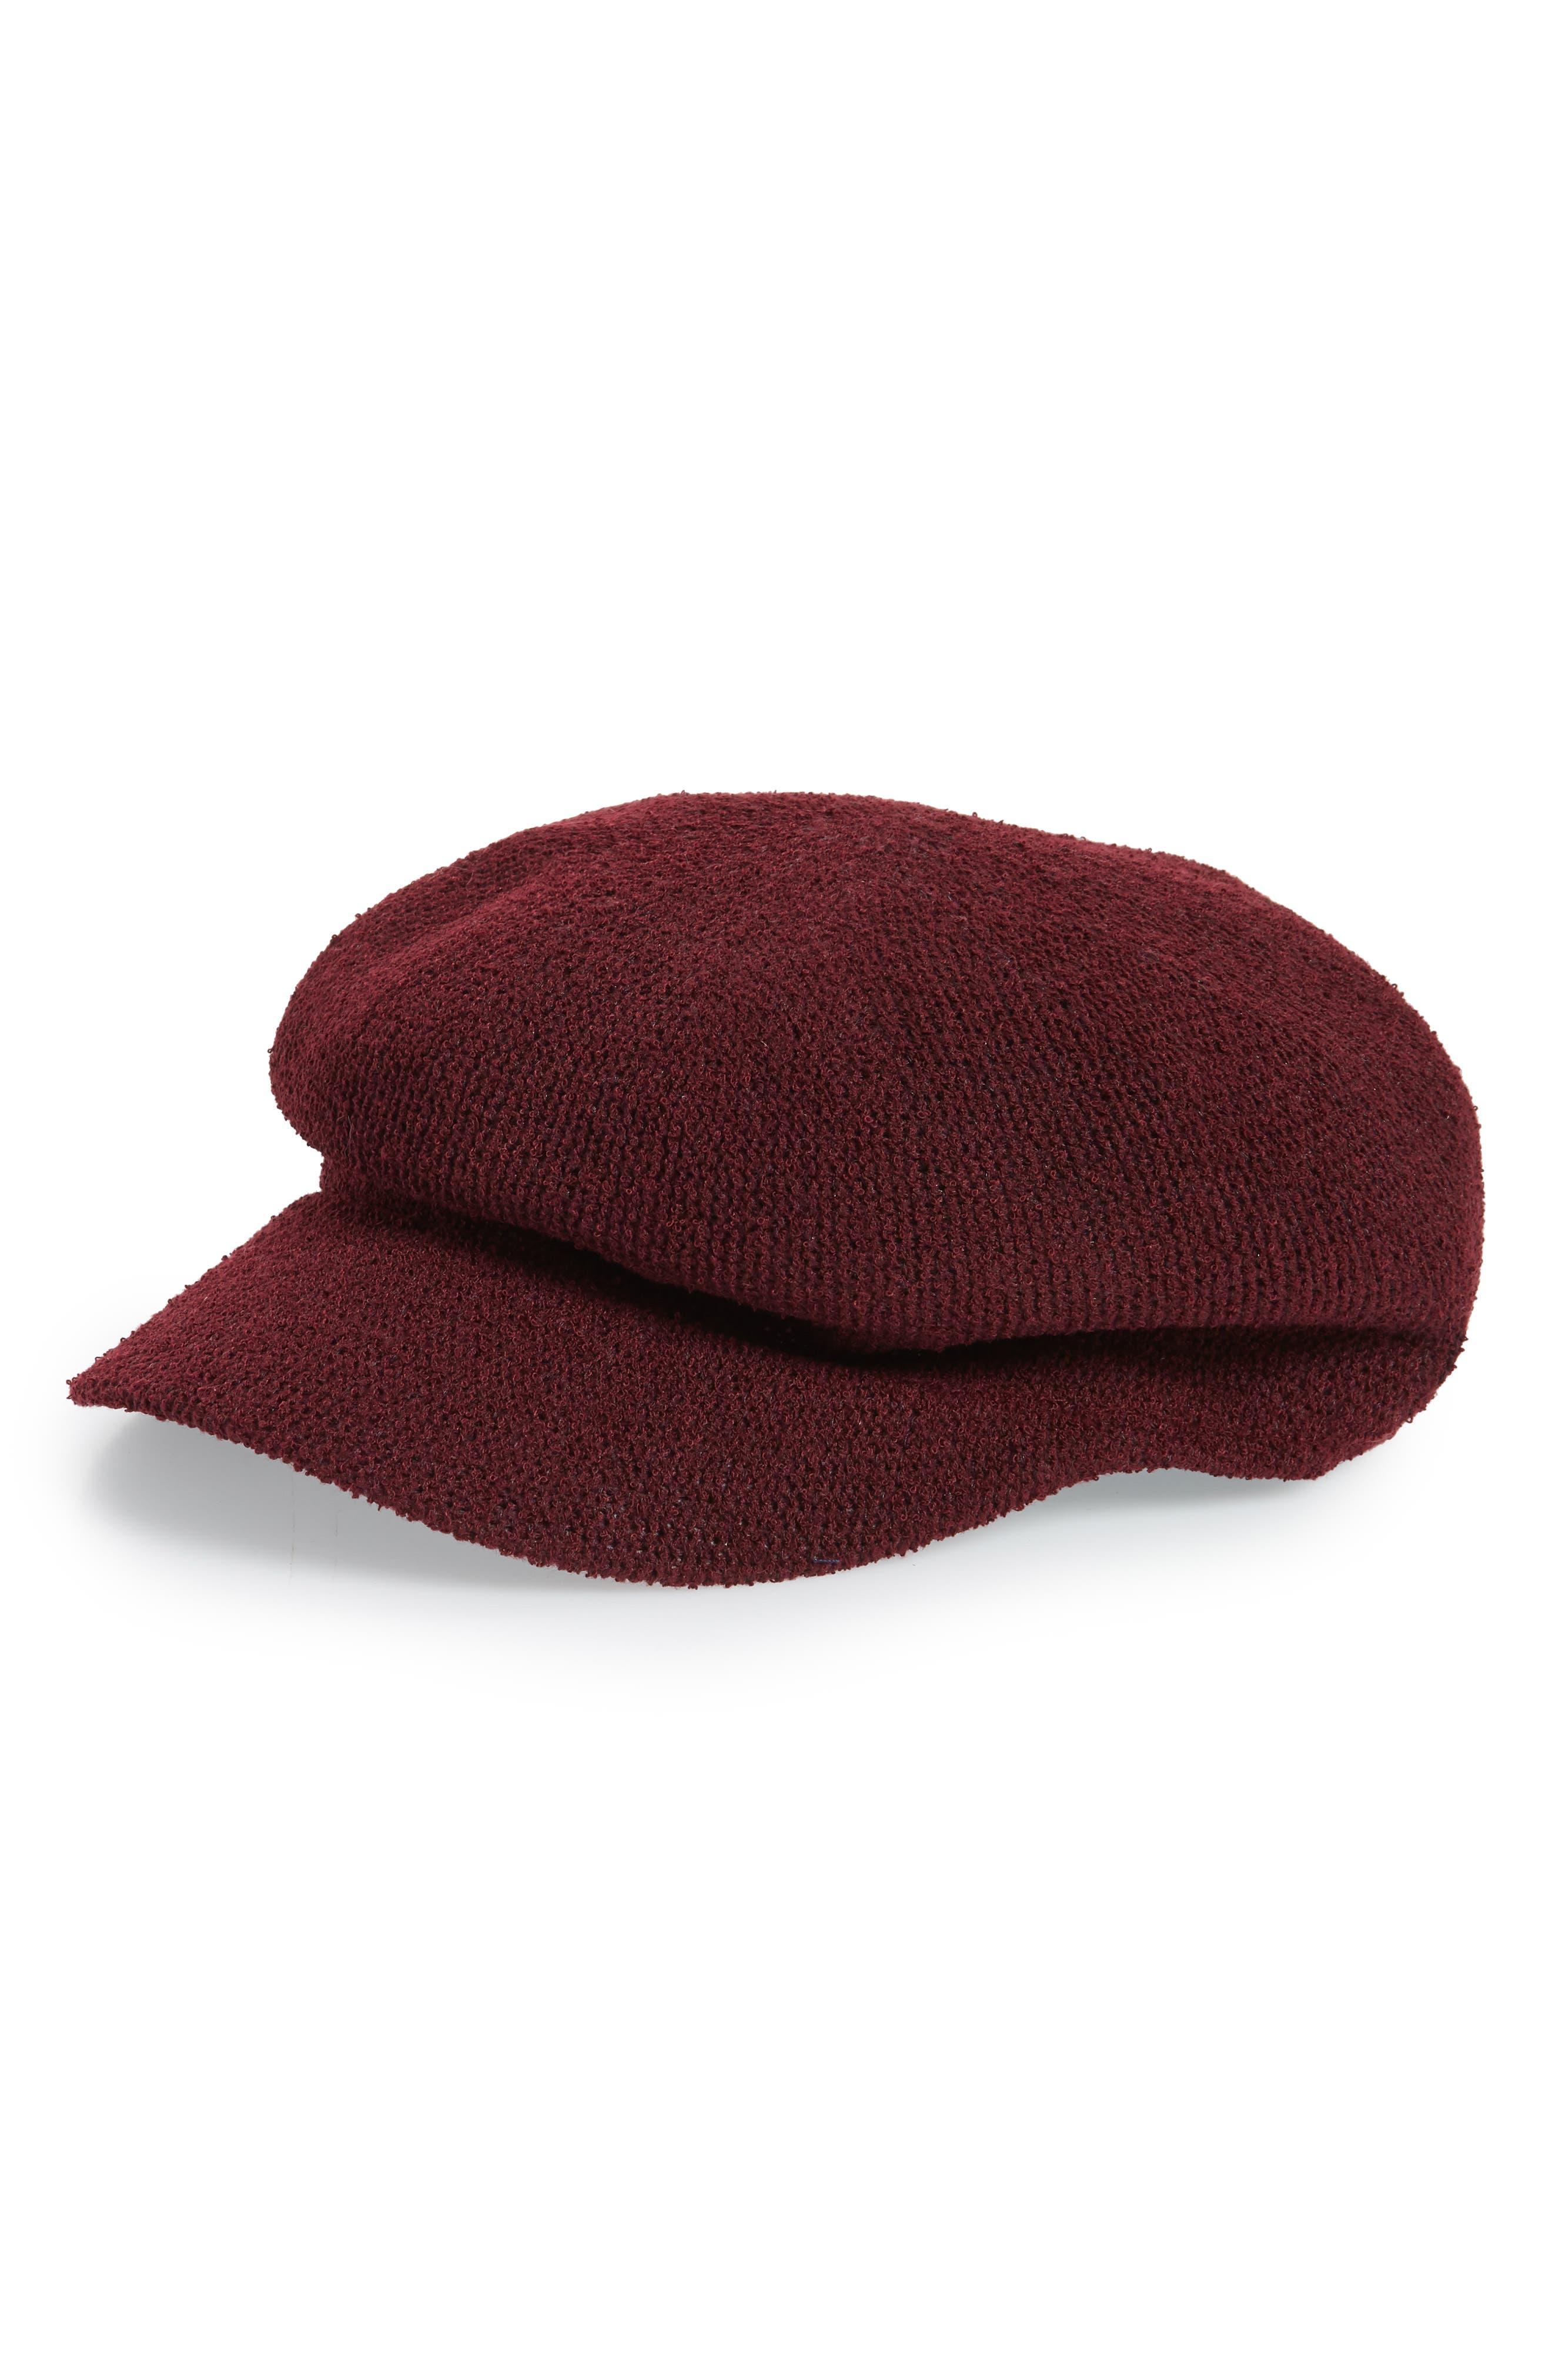 Baker Boy Hat,                         Main,                         color, Red